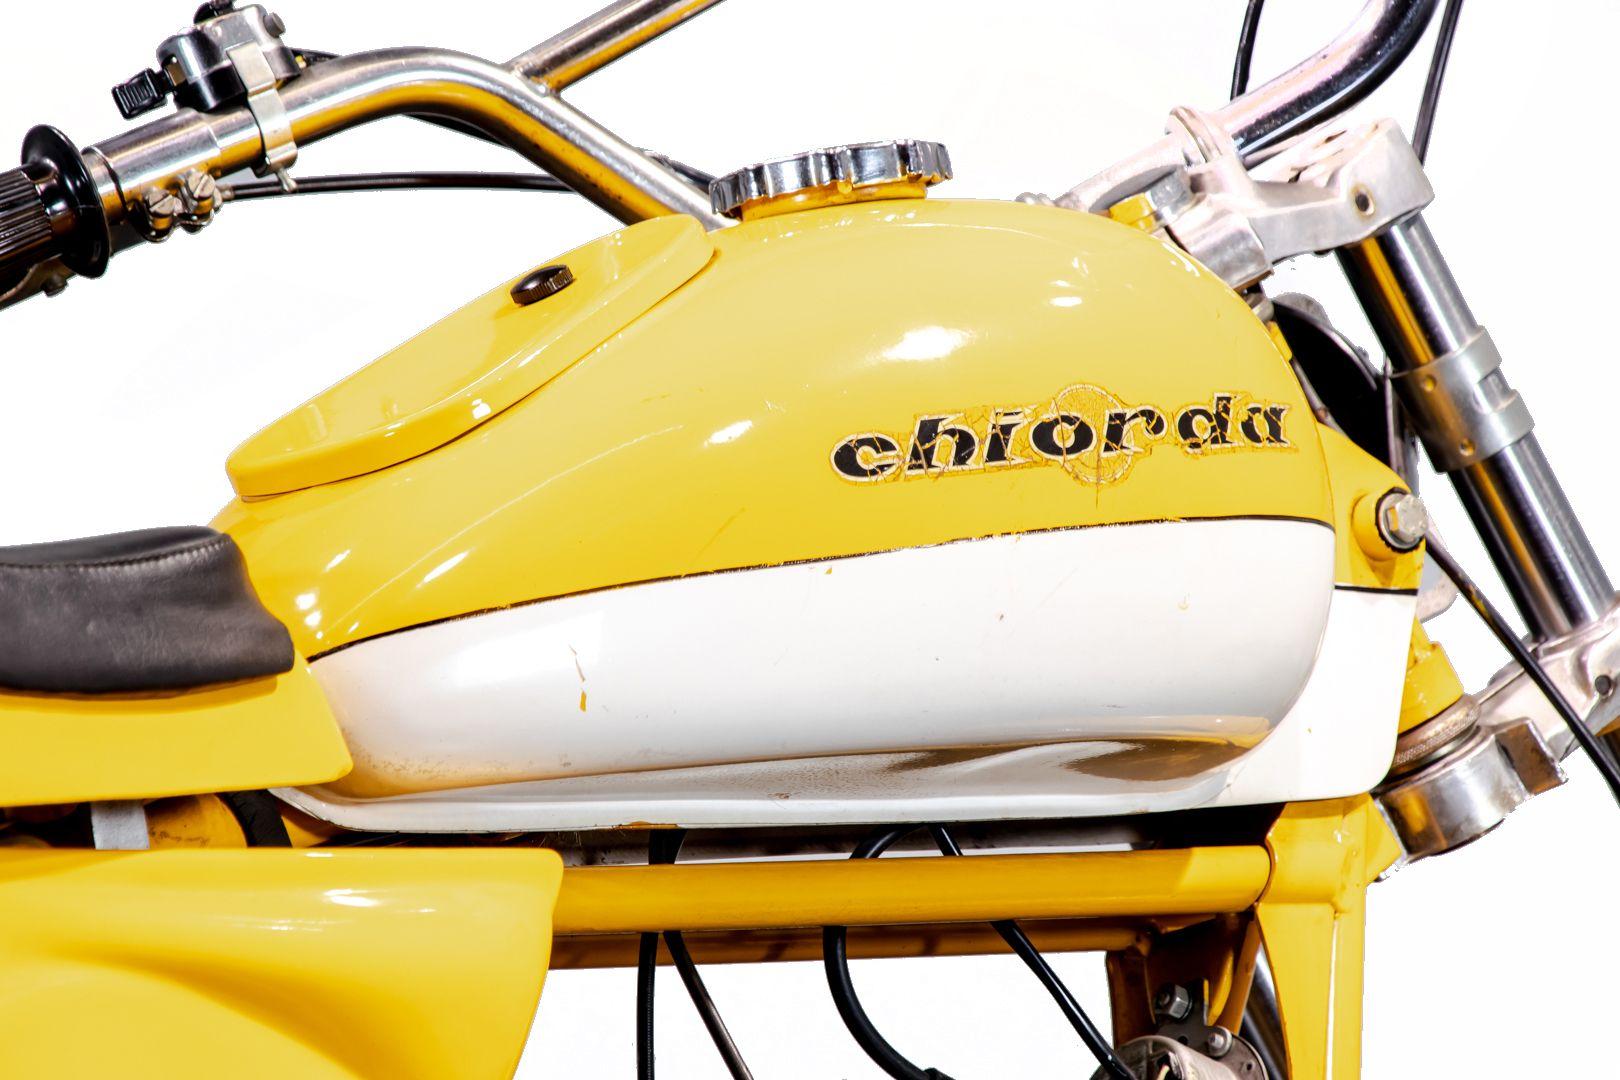 1969 Chiorda 50 58243